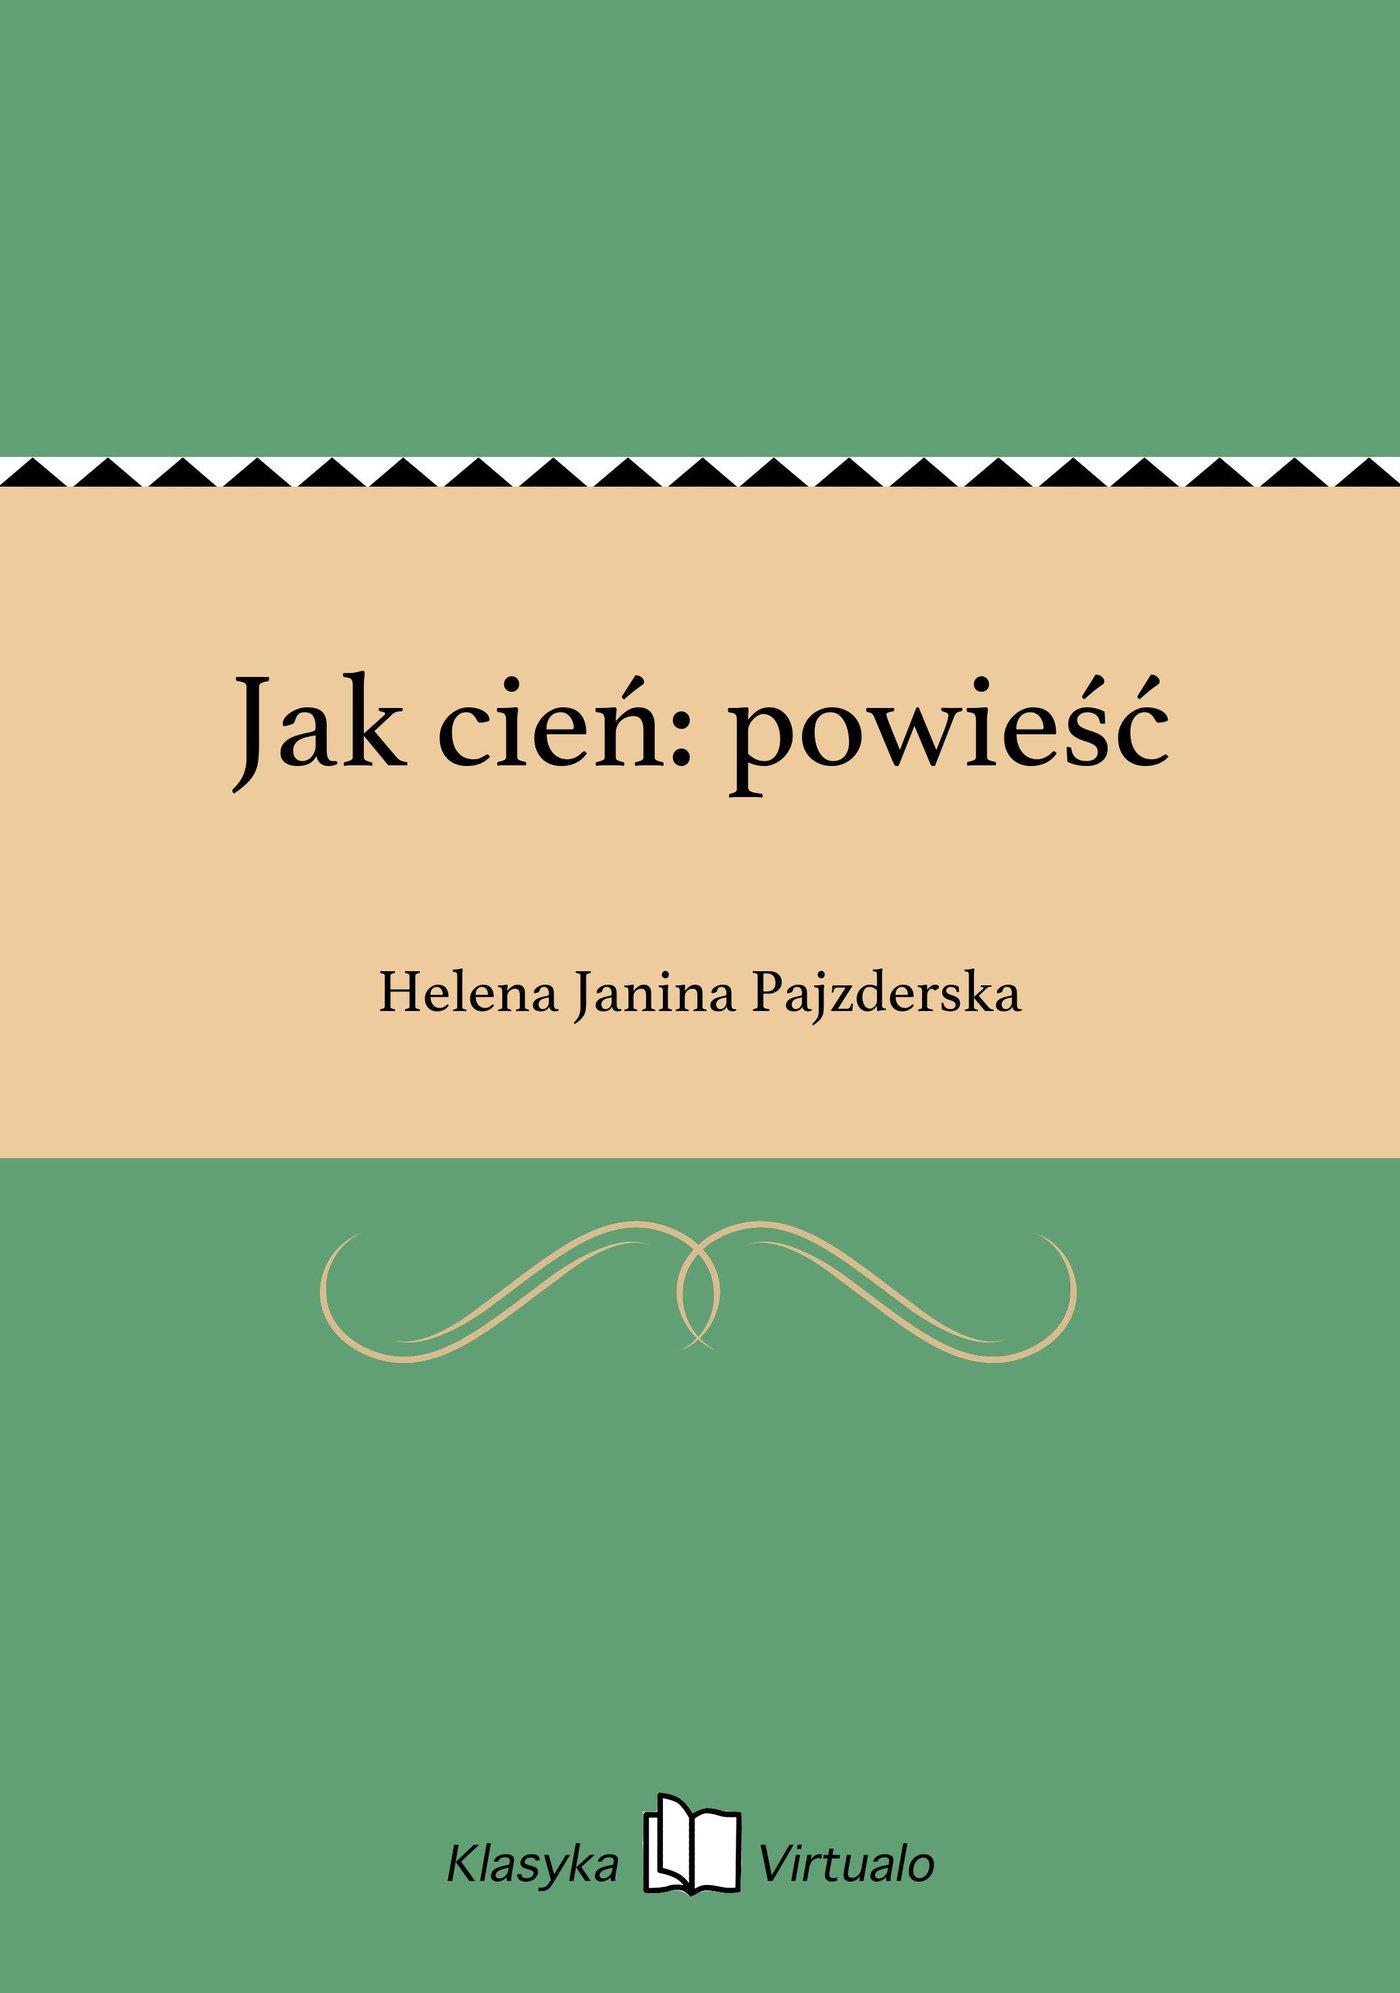 Jak cień: powieść - Ebook (Książka EPUB) do pobrania w formacie EPUB